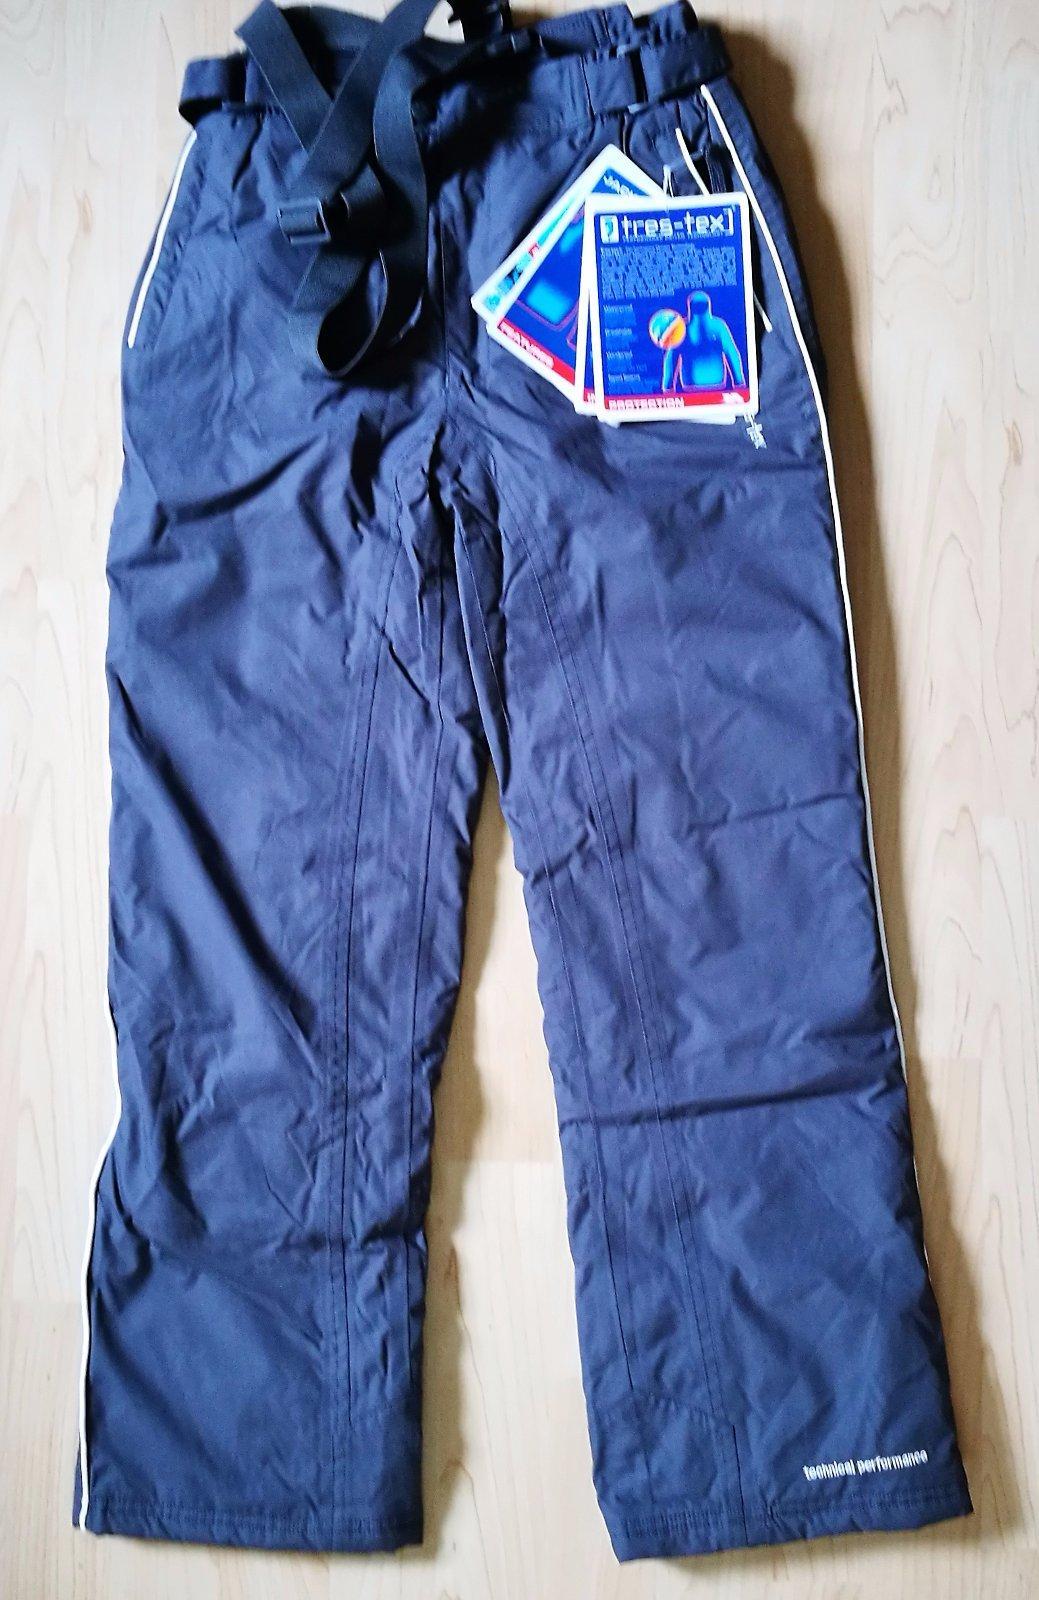 a63a9d7c381a Lyžiarske nohavice trespass veľkosť 10 rokov